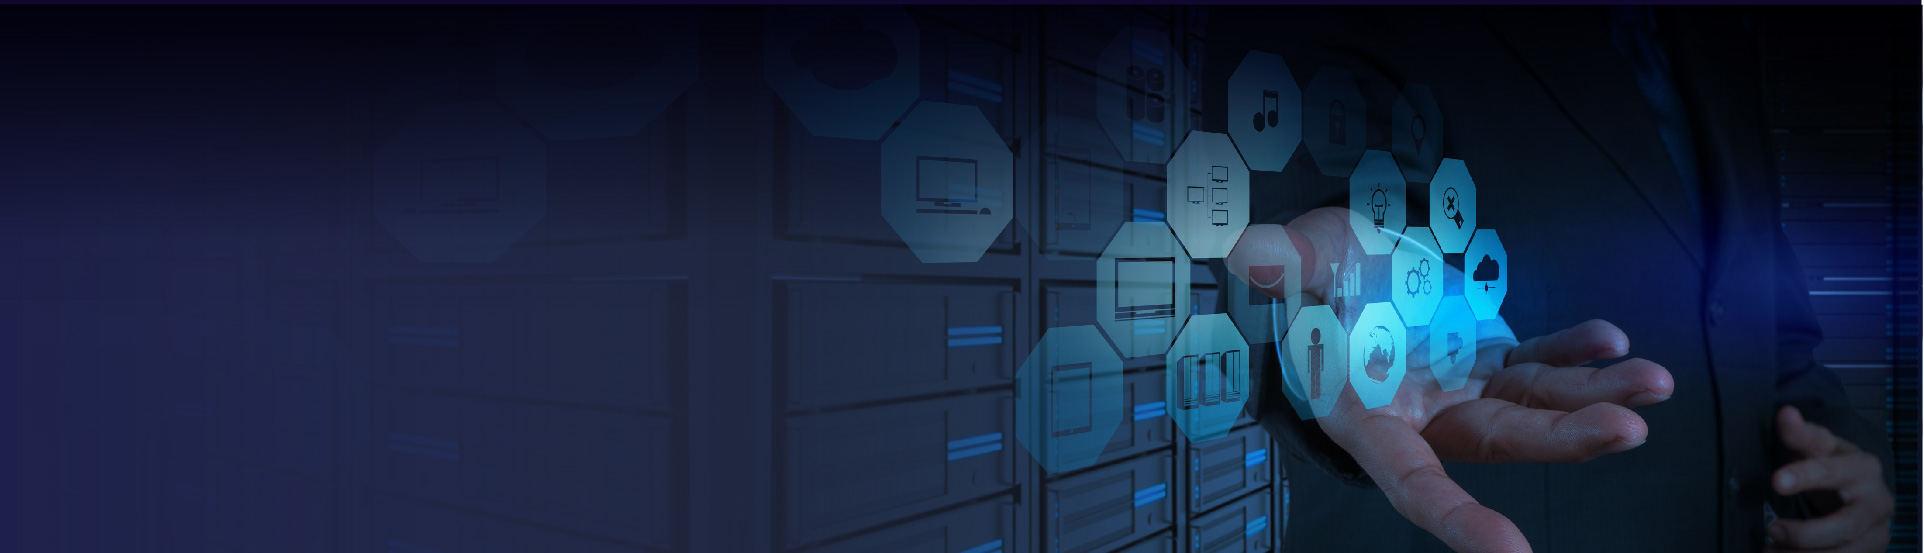 新办公方式下, 如何应对多组织、多网络的文档管理挑战?